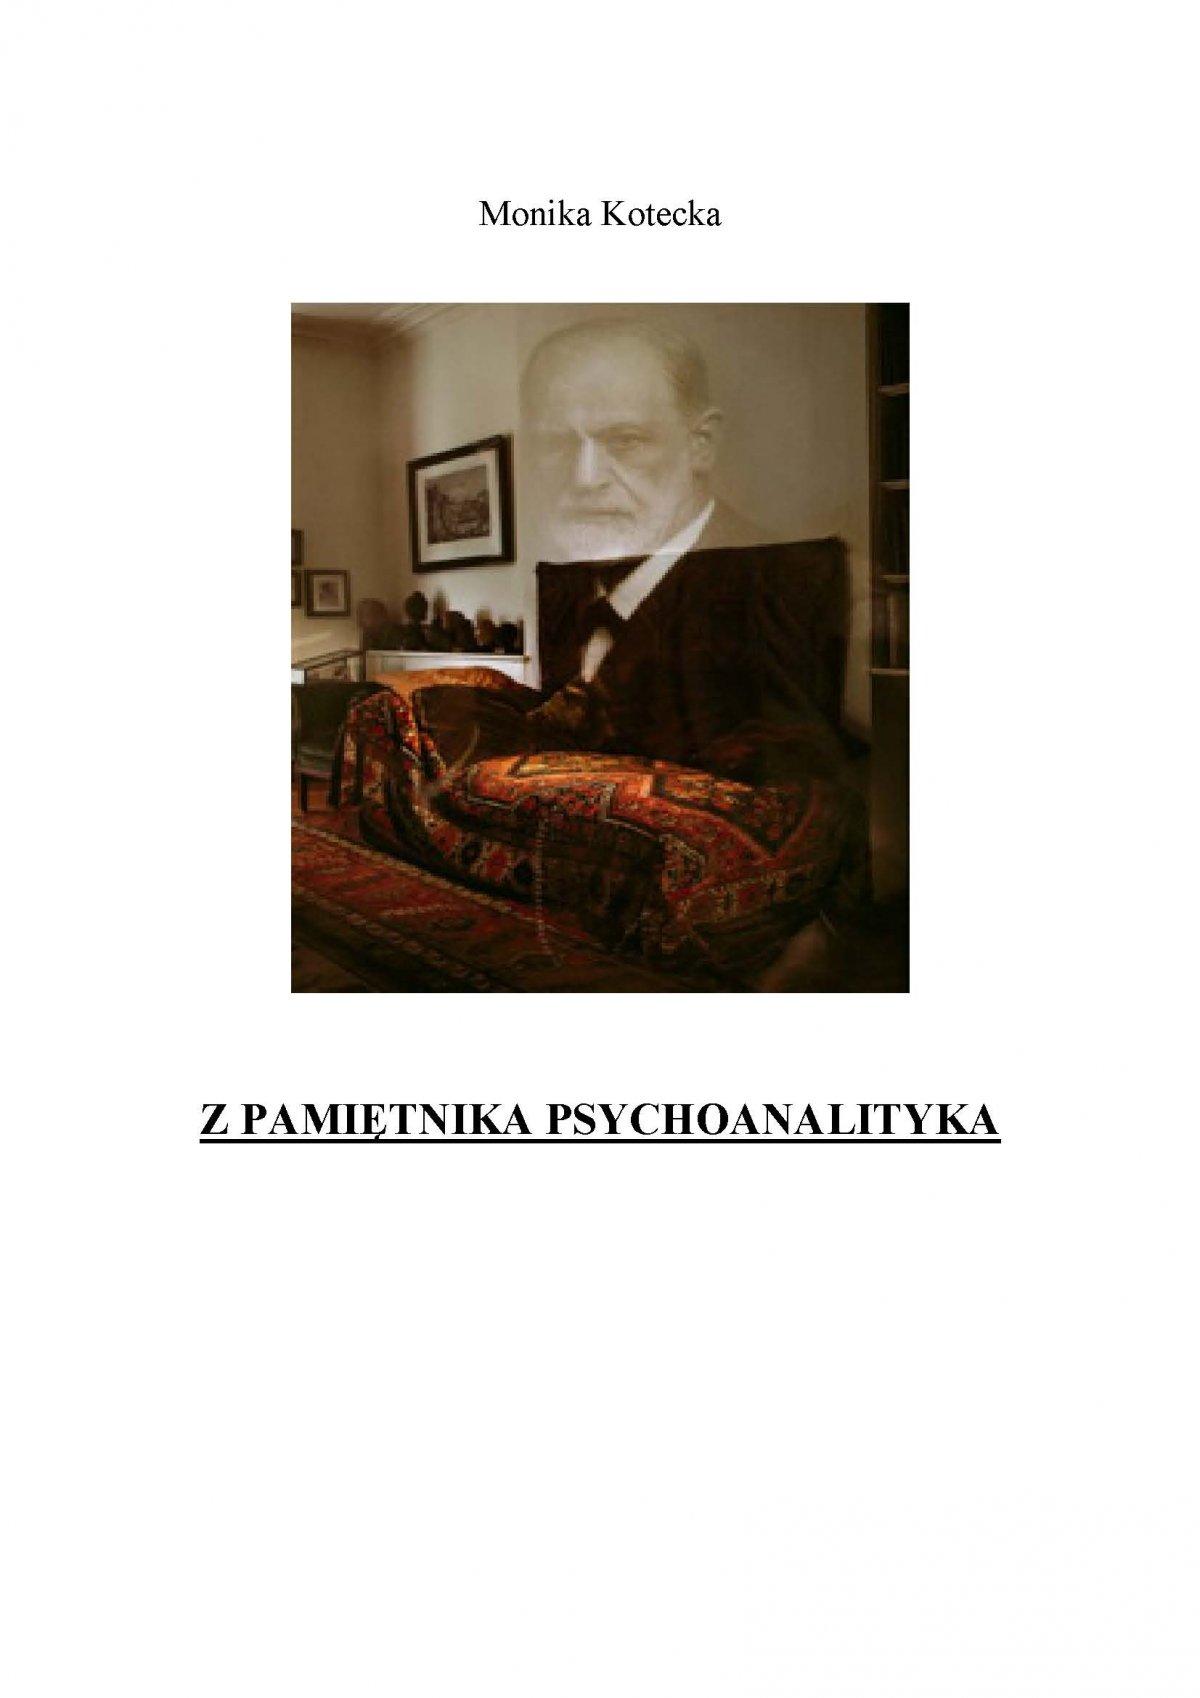 Z pamiętnika psychoanalityka - Ebook (Książka EPUB) do pobrania w formacie EPUB